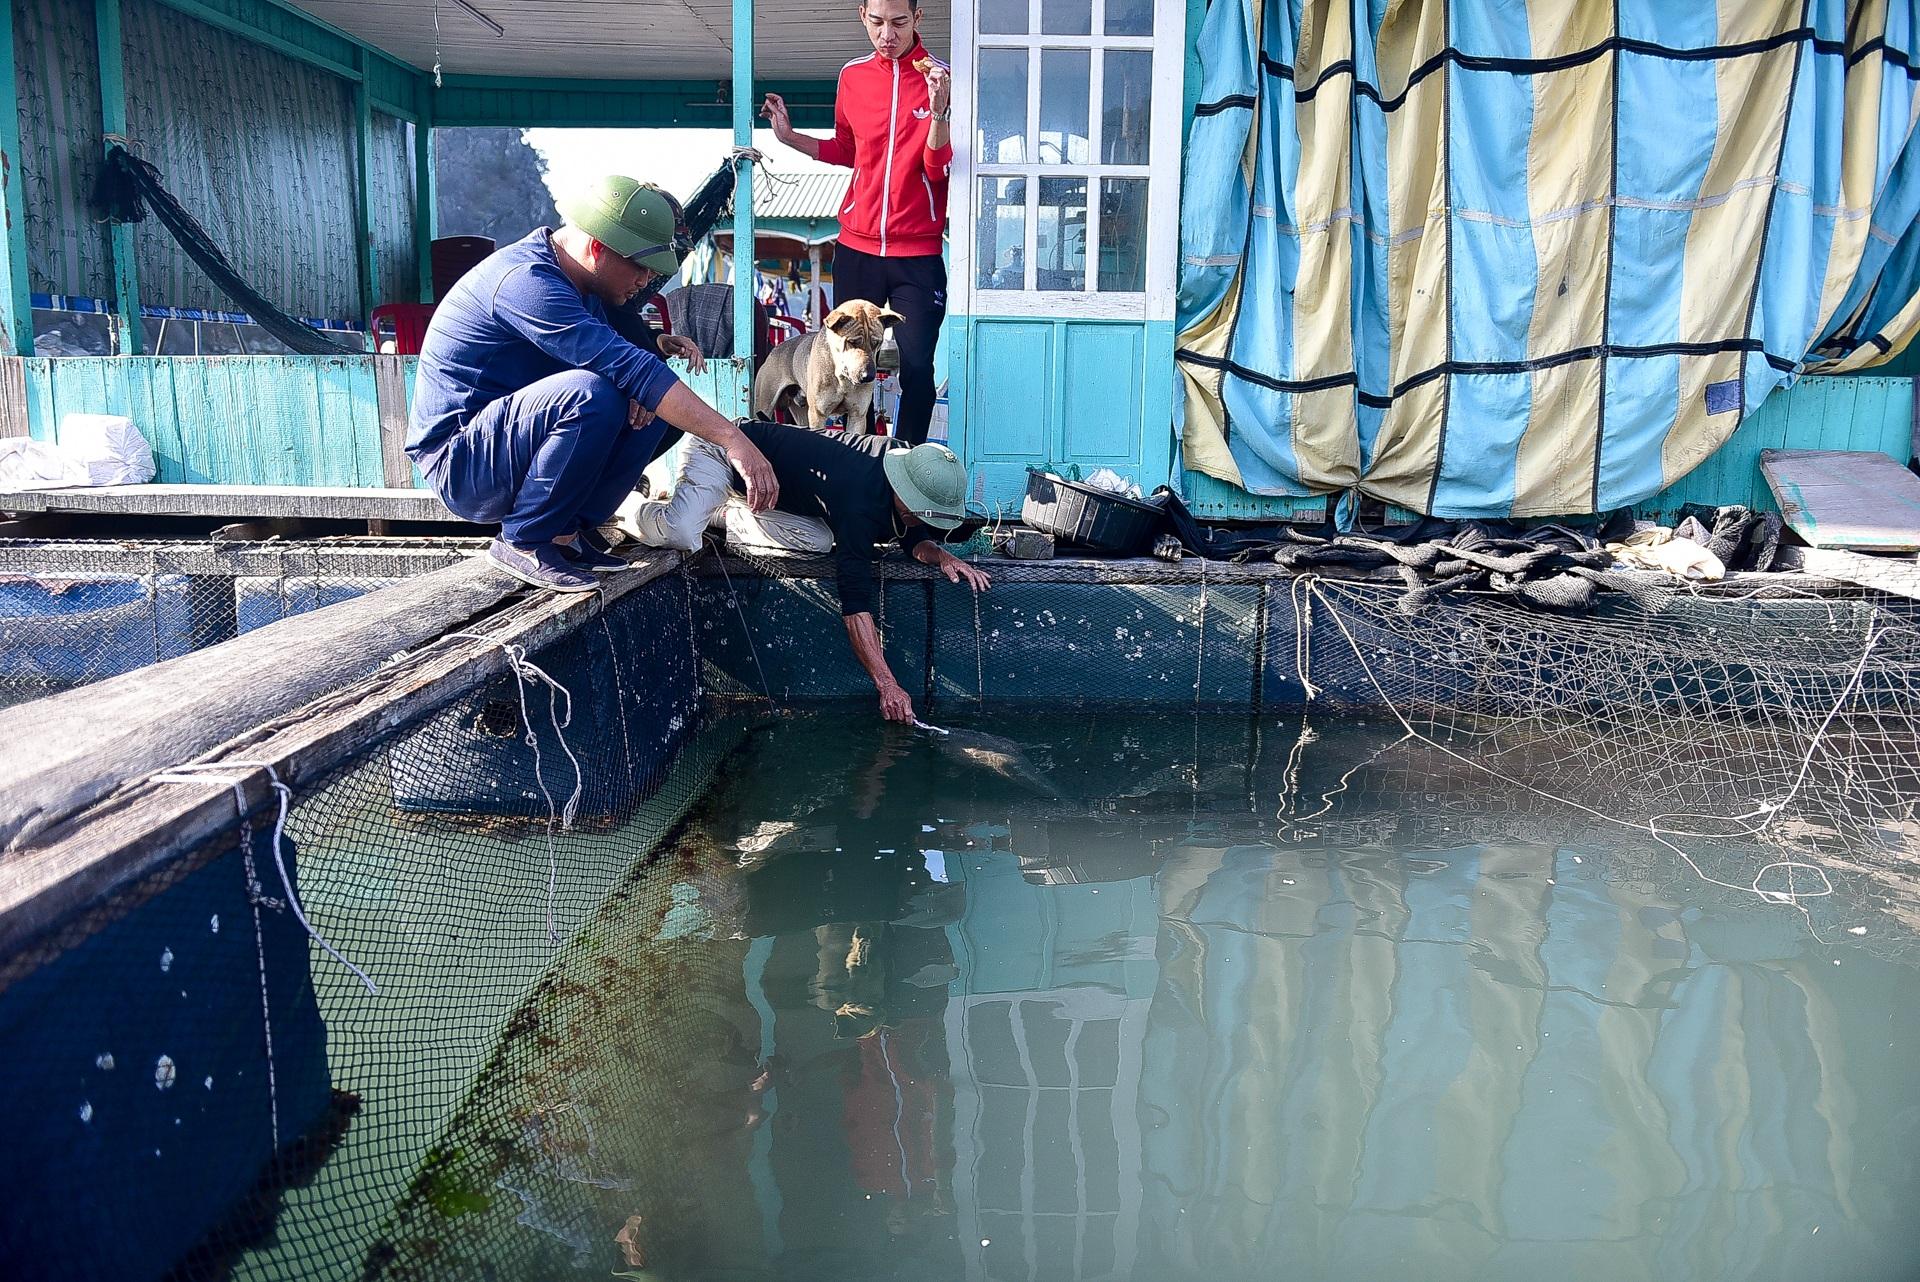 Chuyện lạ tại Quảng Ninh: Cá song mê đánh răng, thích vuốt ve, trò chuyện với người - 2